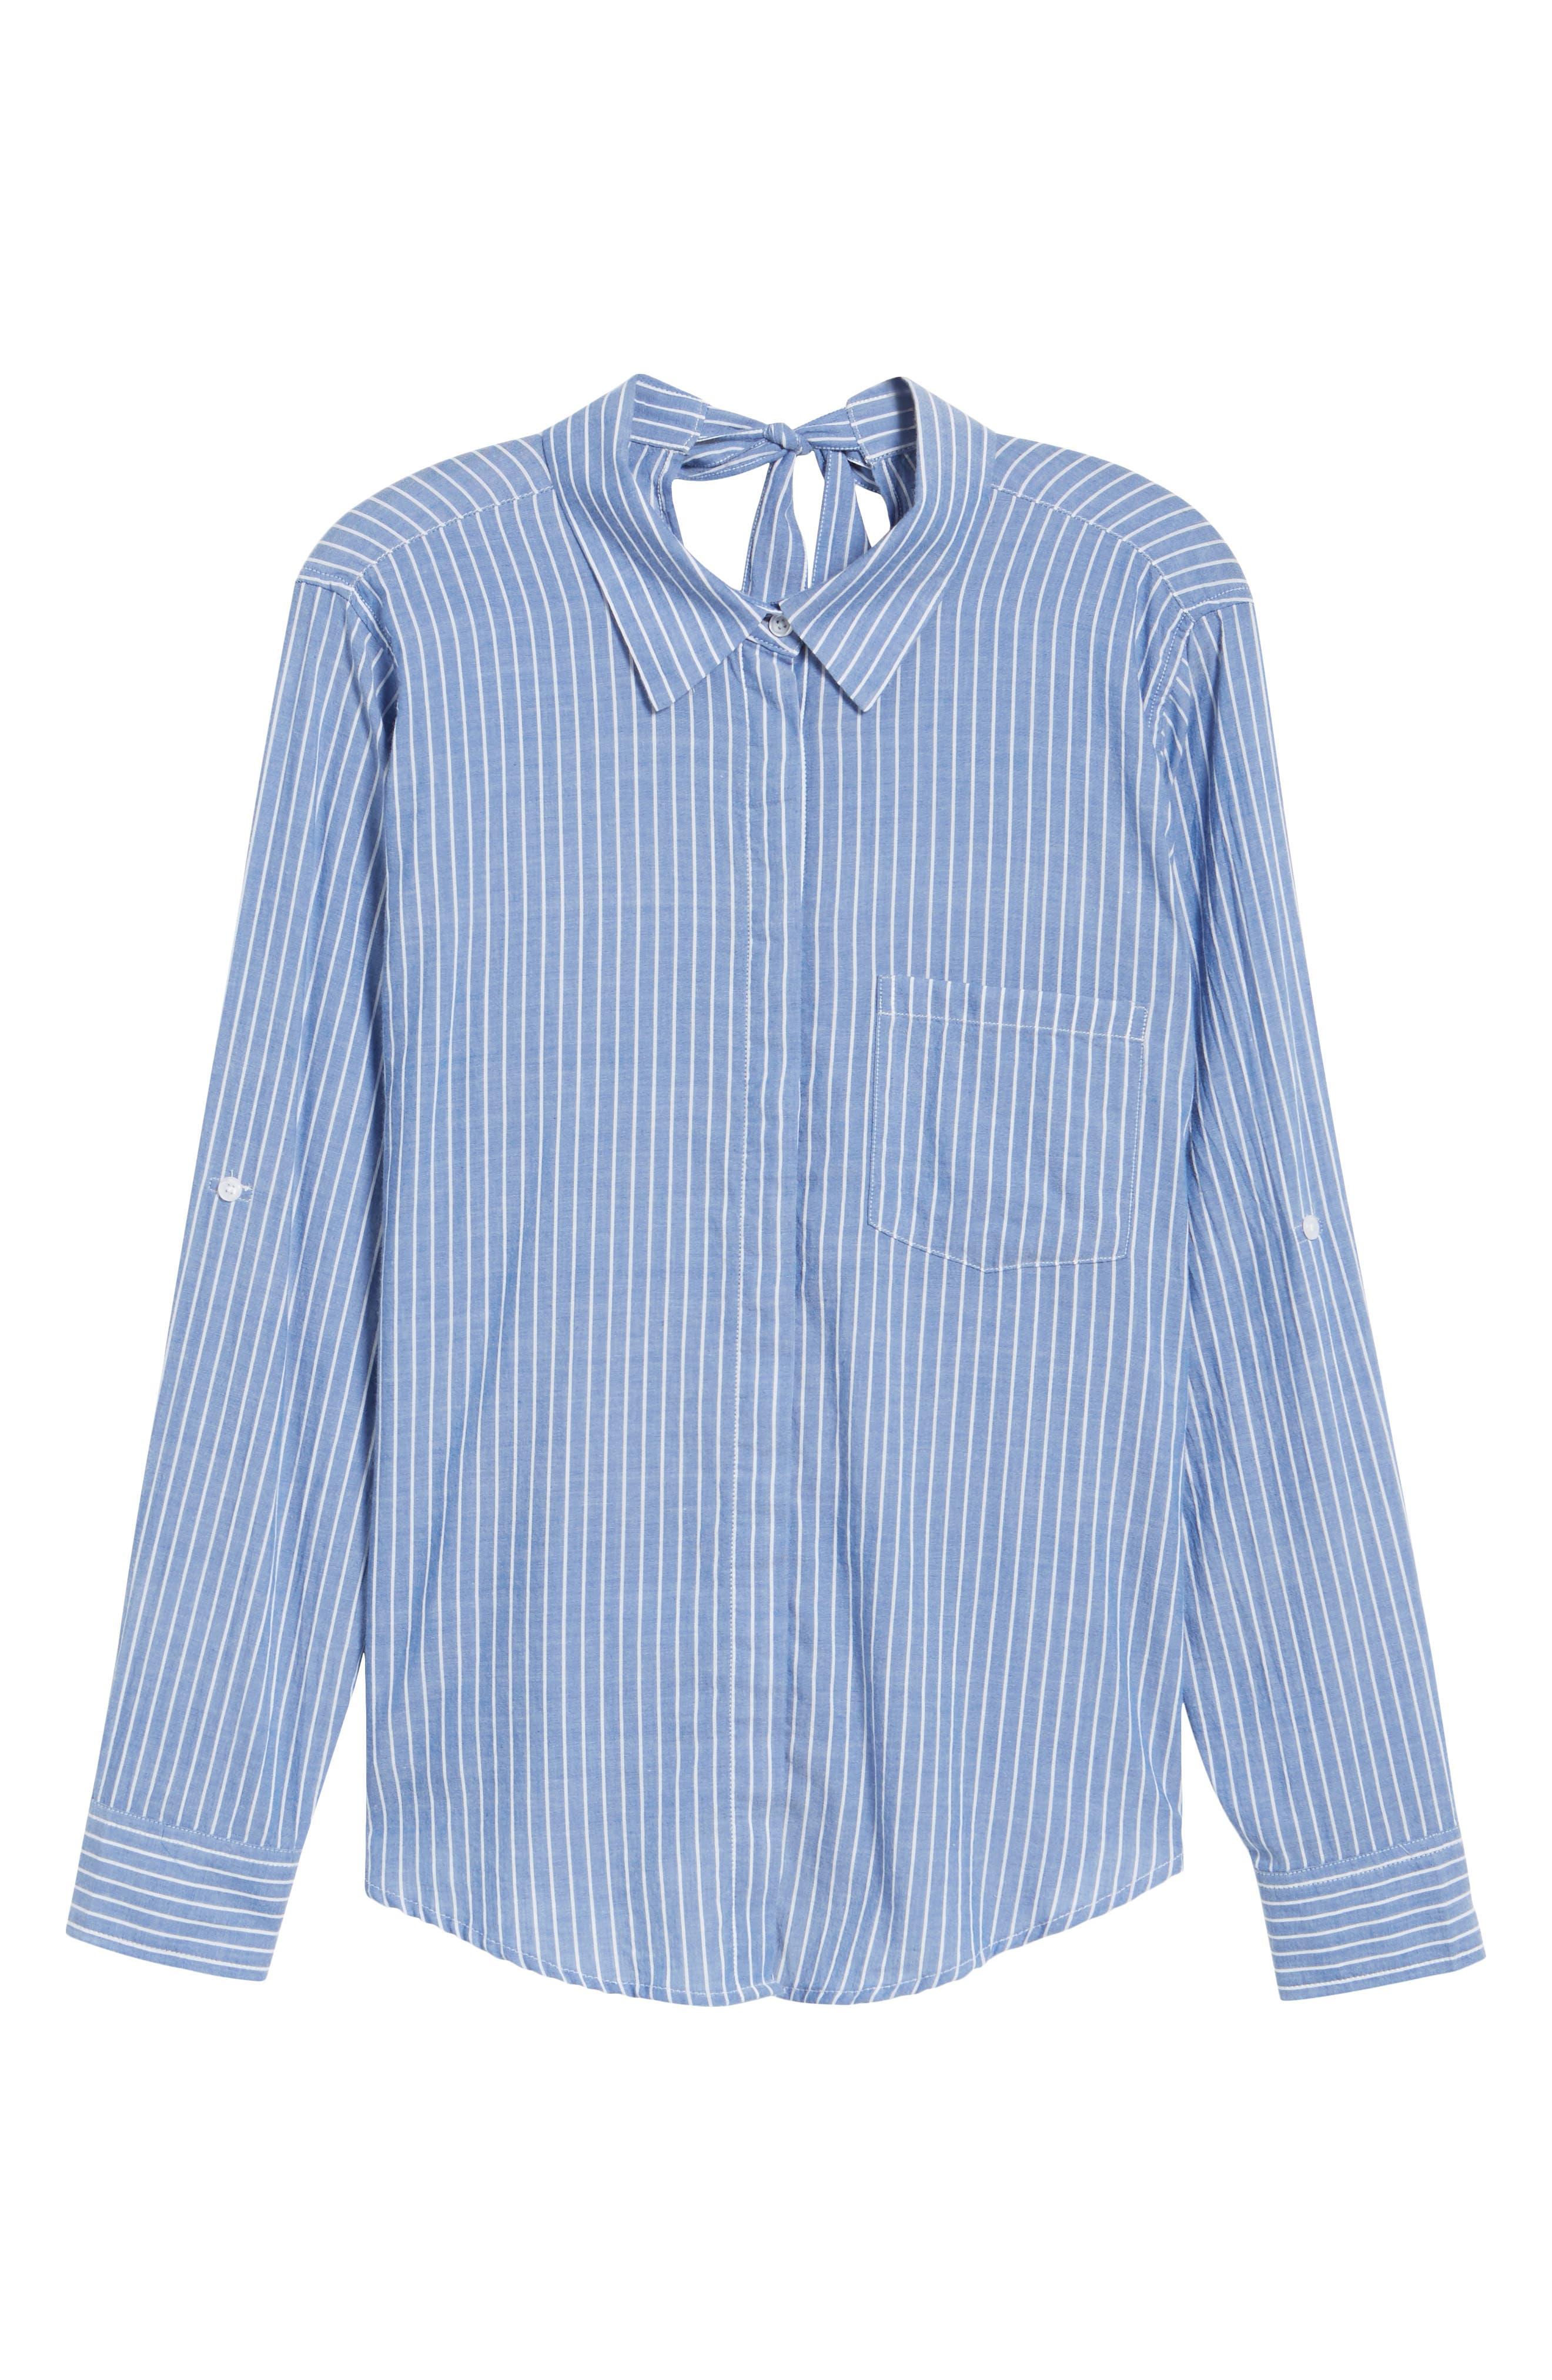 Mimi Stripe Shirt,                             Alternate thumbnail 6, color,                             494